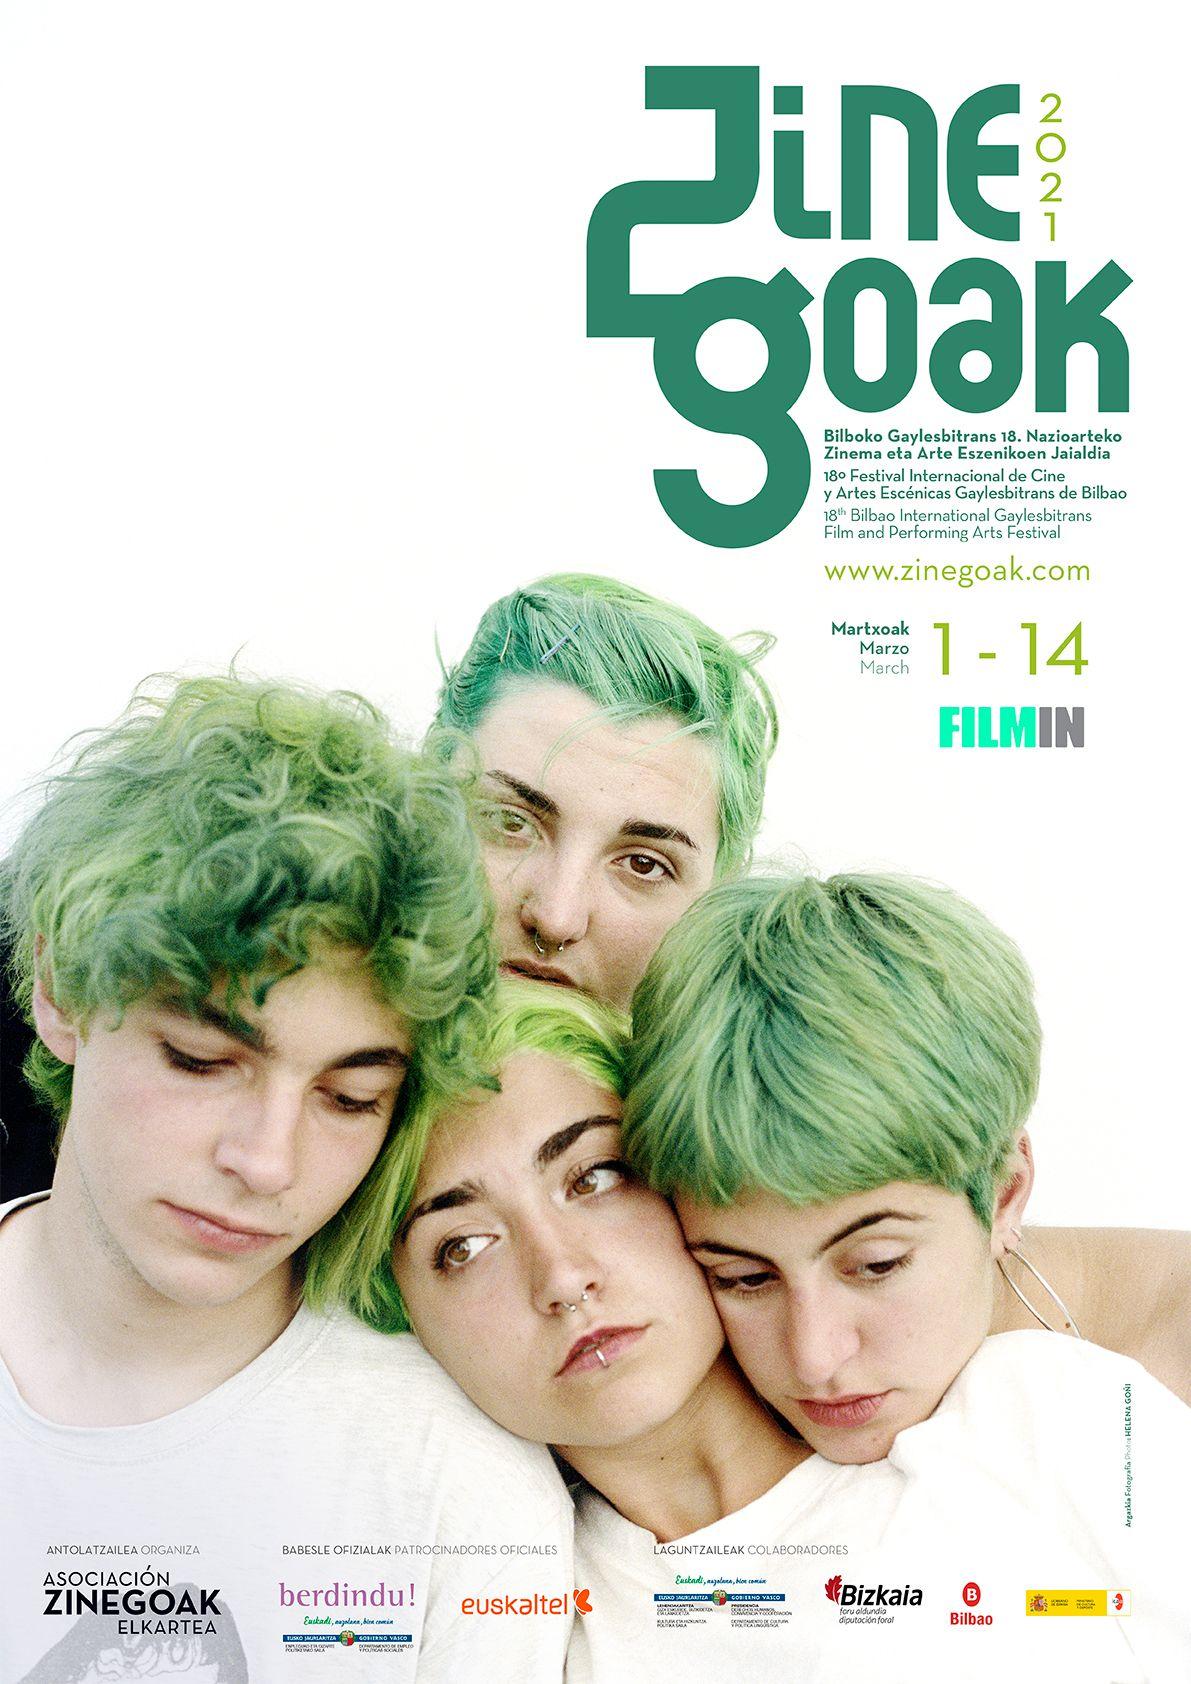 El 18º Festival Internacional de Cine y Artes Escénicas LGTBI+ de Bilbao se celebrará del 1 al 14 de marzo